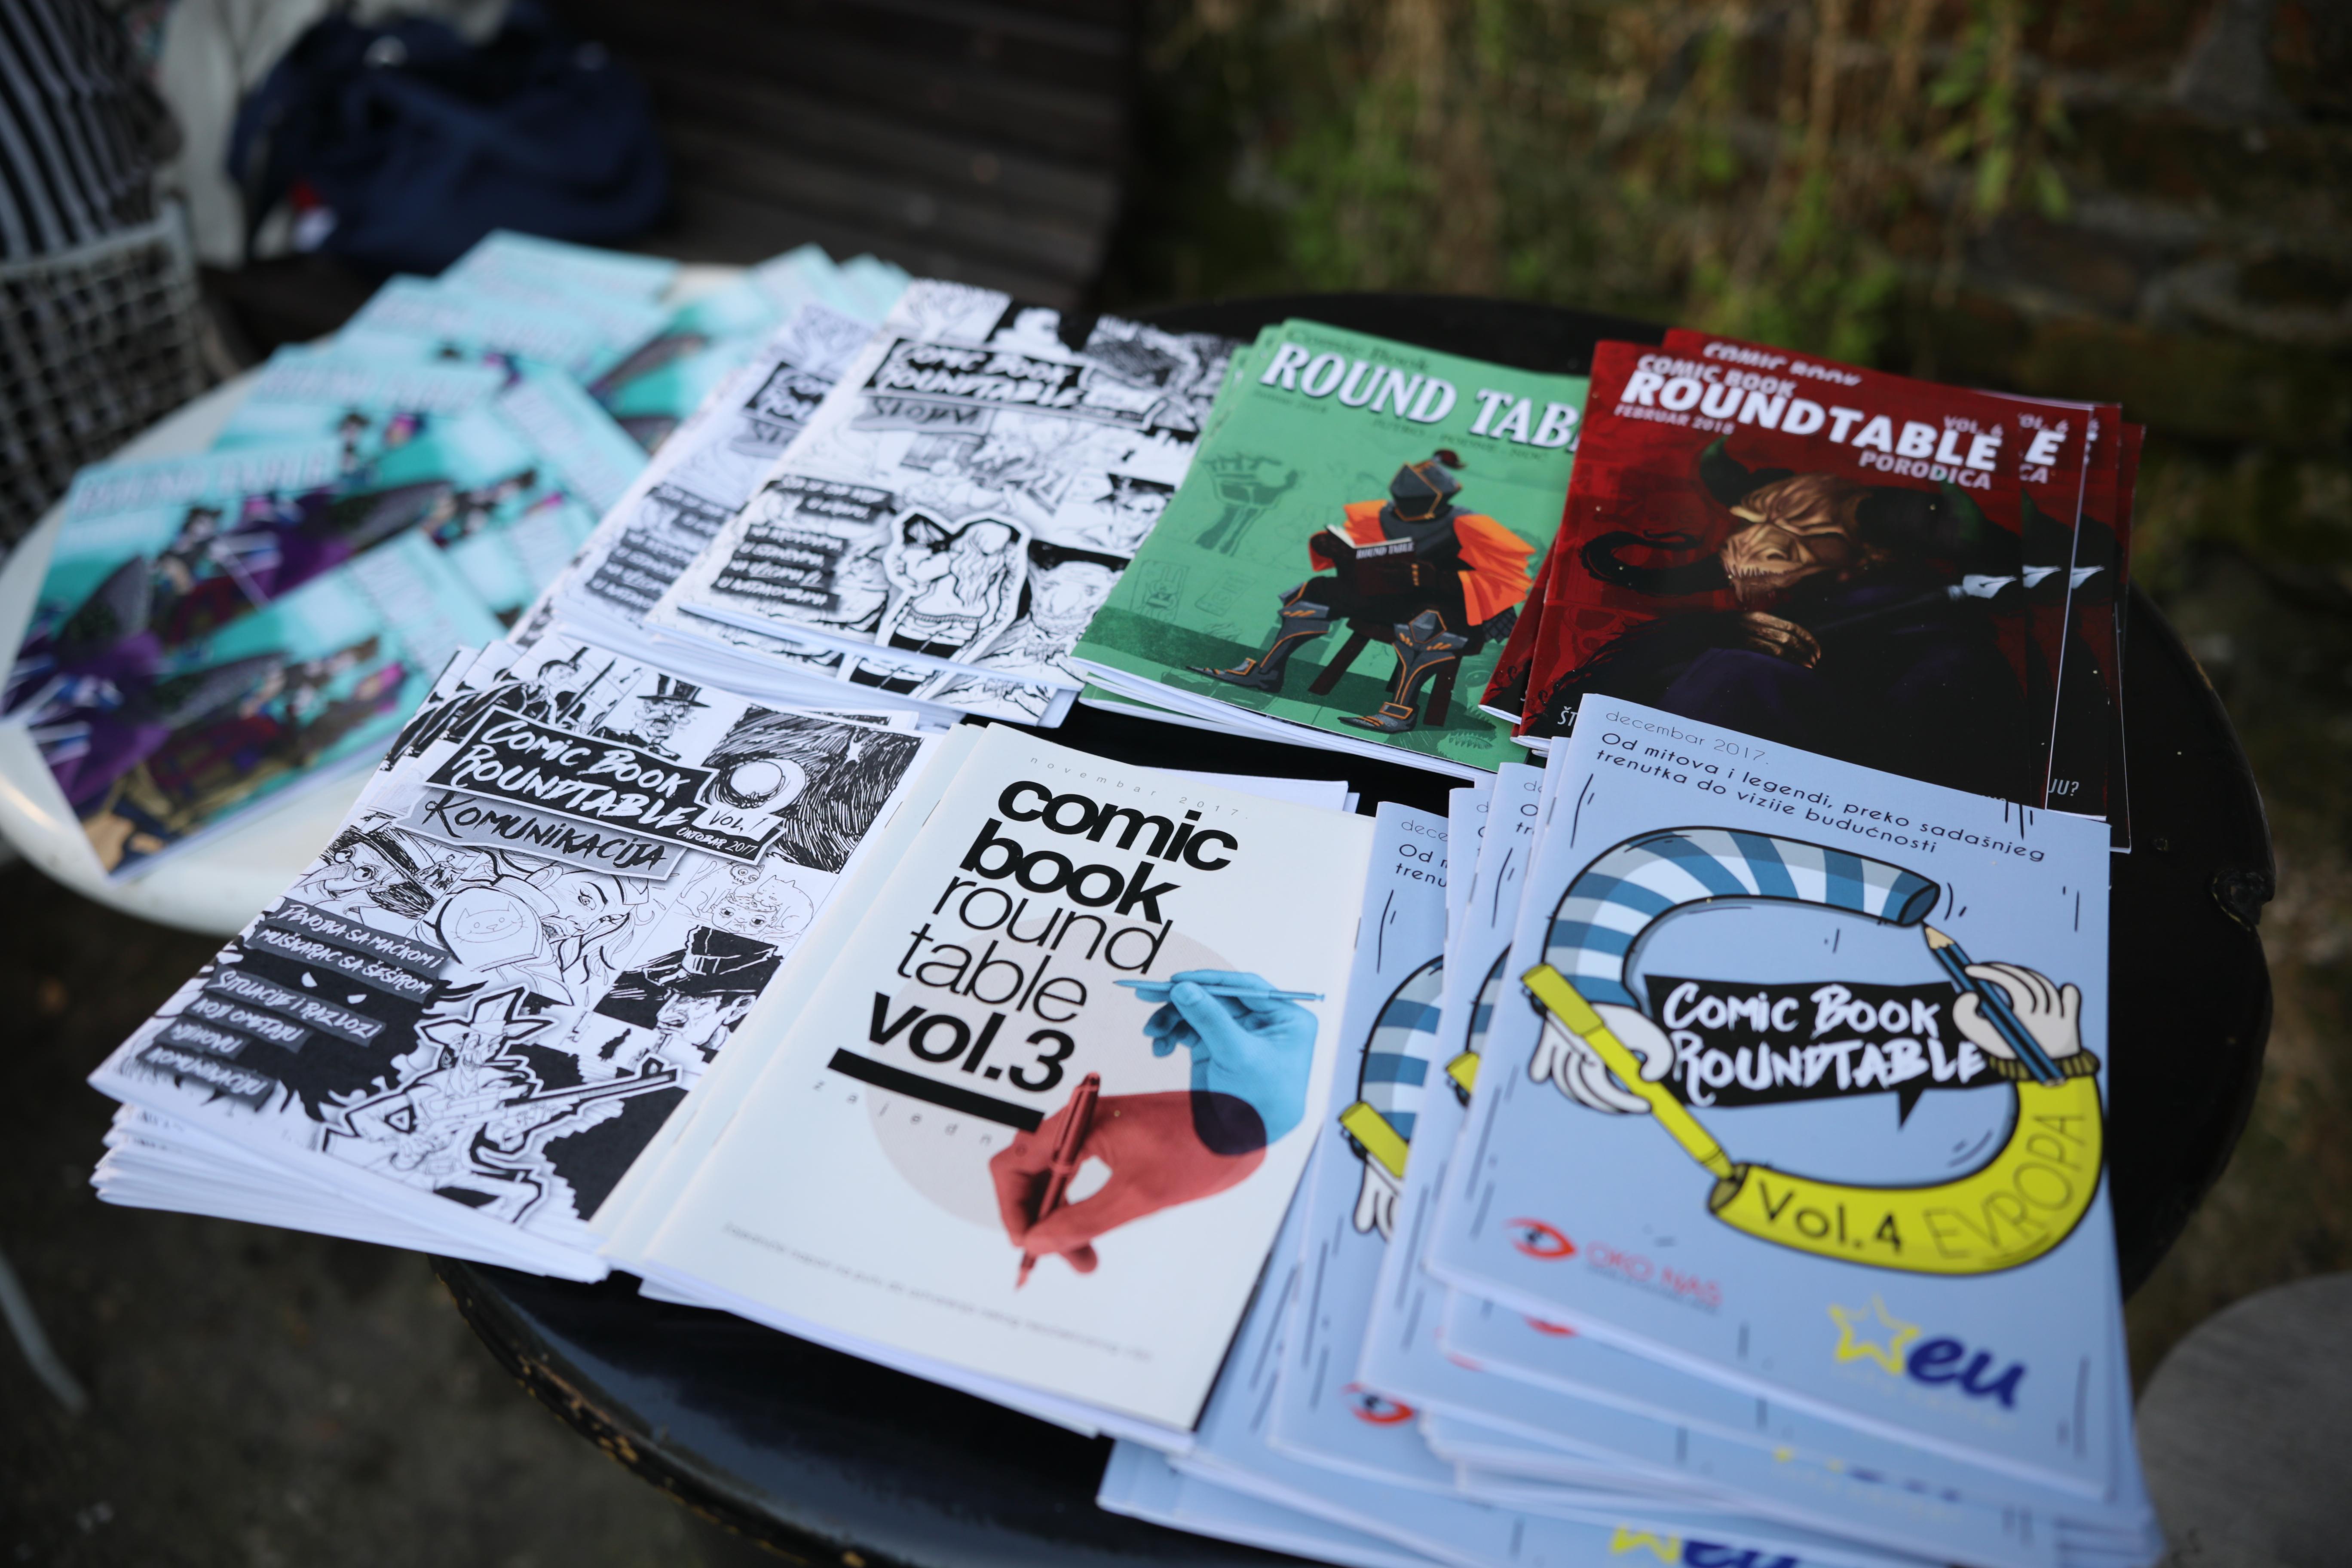 Od 1 do 8 juna u Uličnoj galeriji zajedničko crtanje stripova!